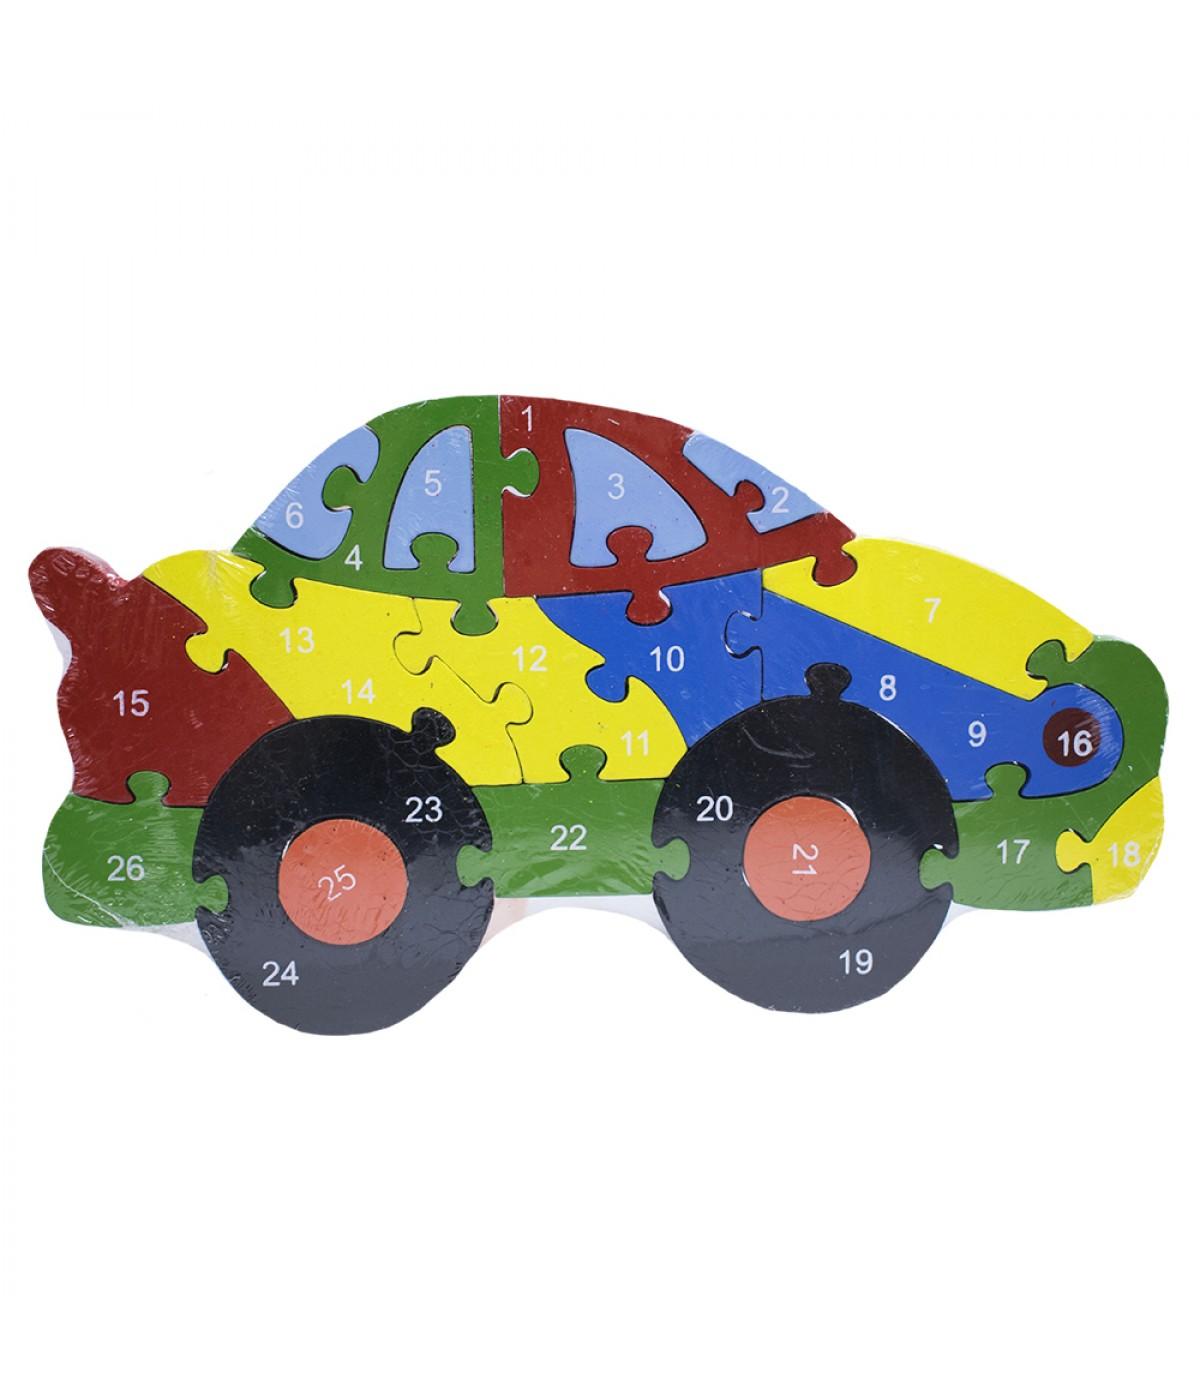 Quebra-cabeça carro colorido 20 peças 16x28cm